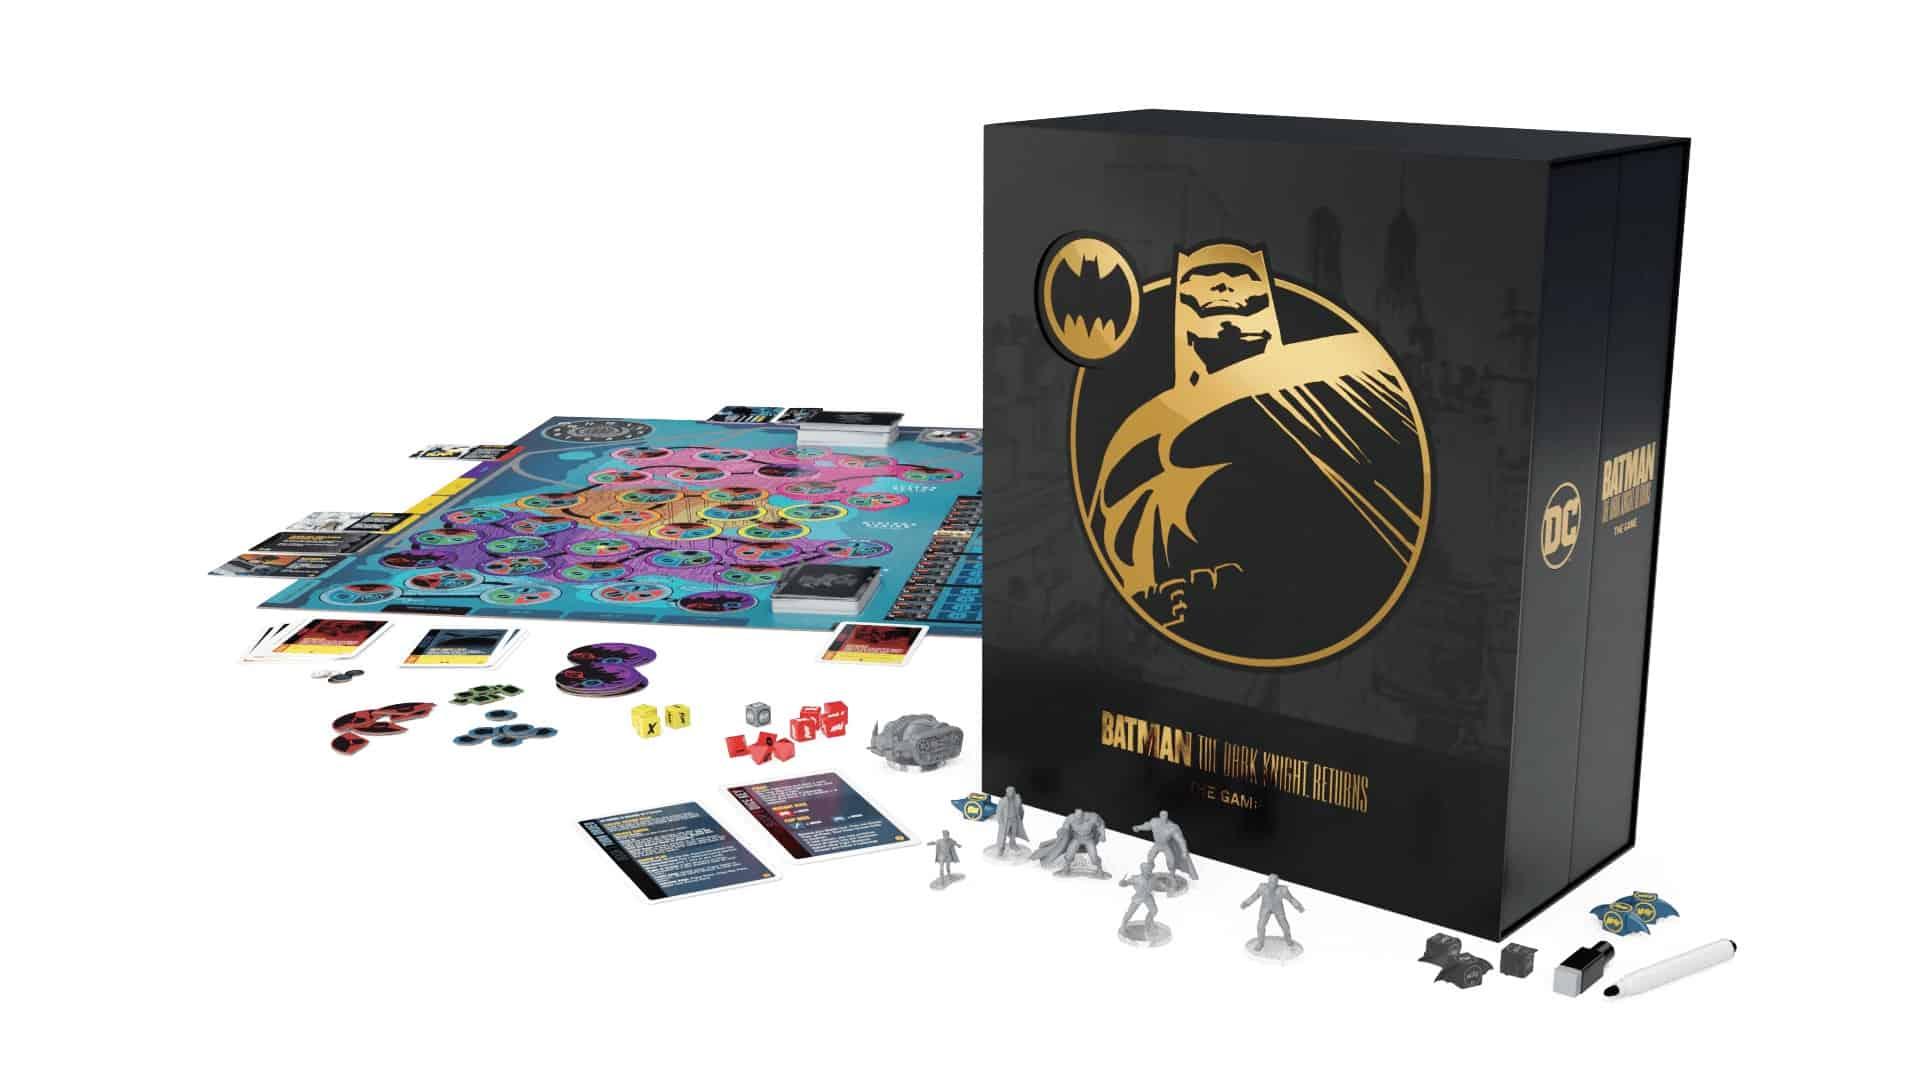 Batman: The Dark Knight Returnsin kansi ja sisältöä